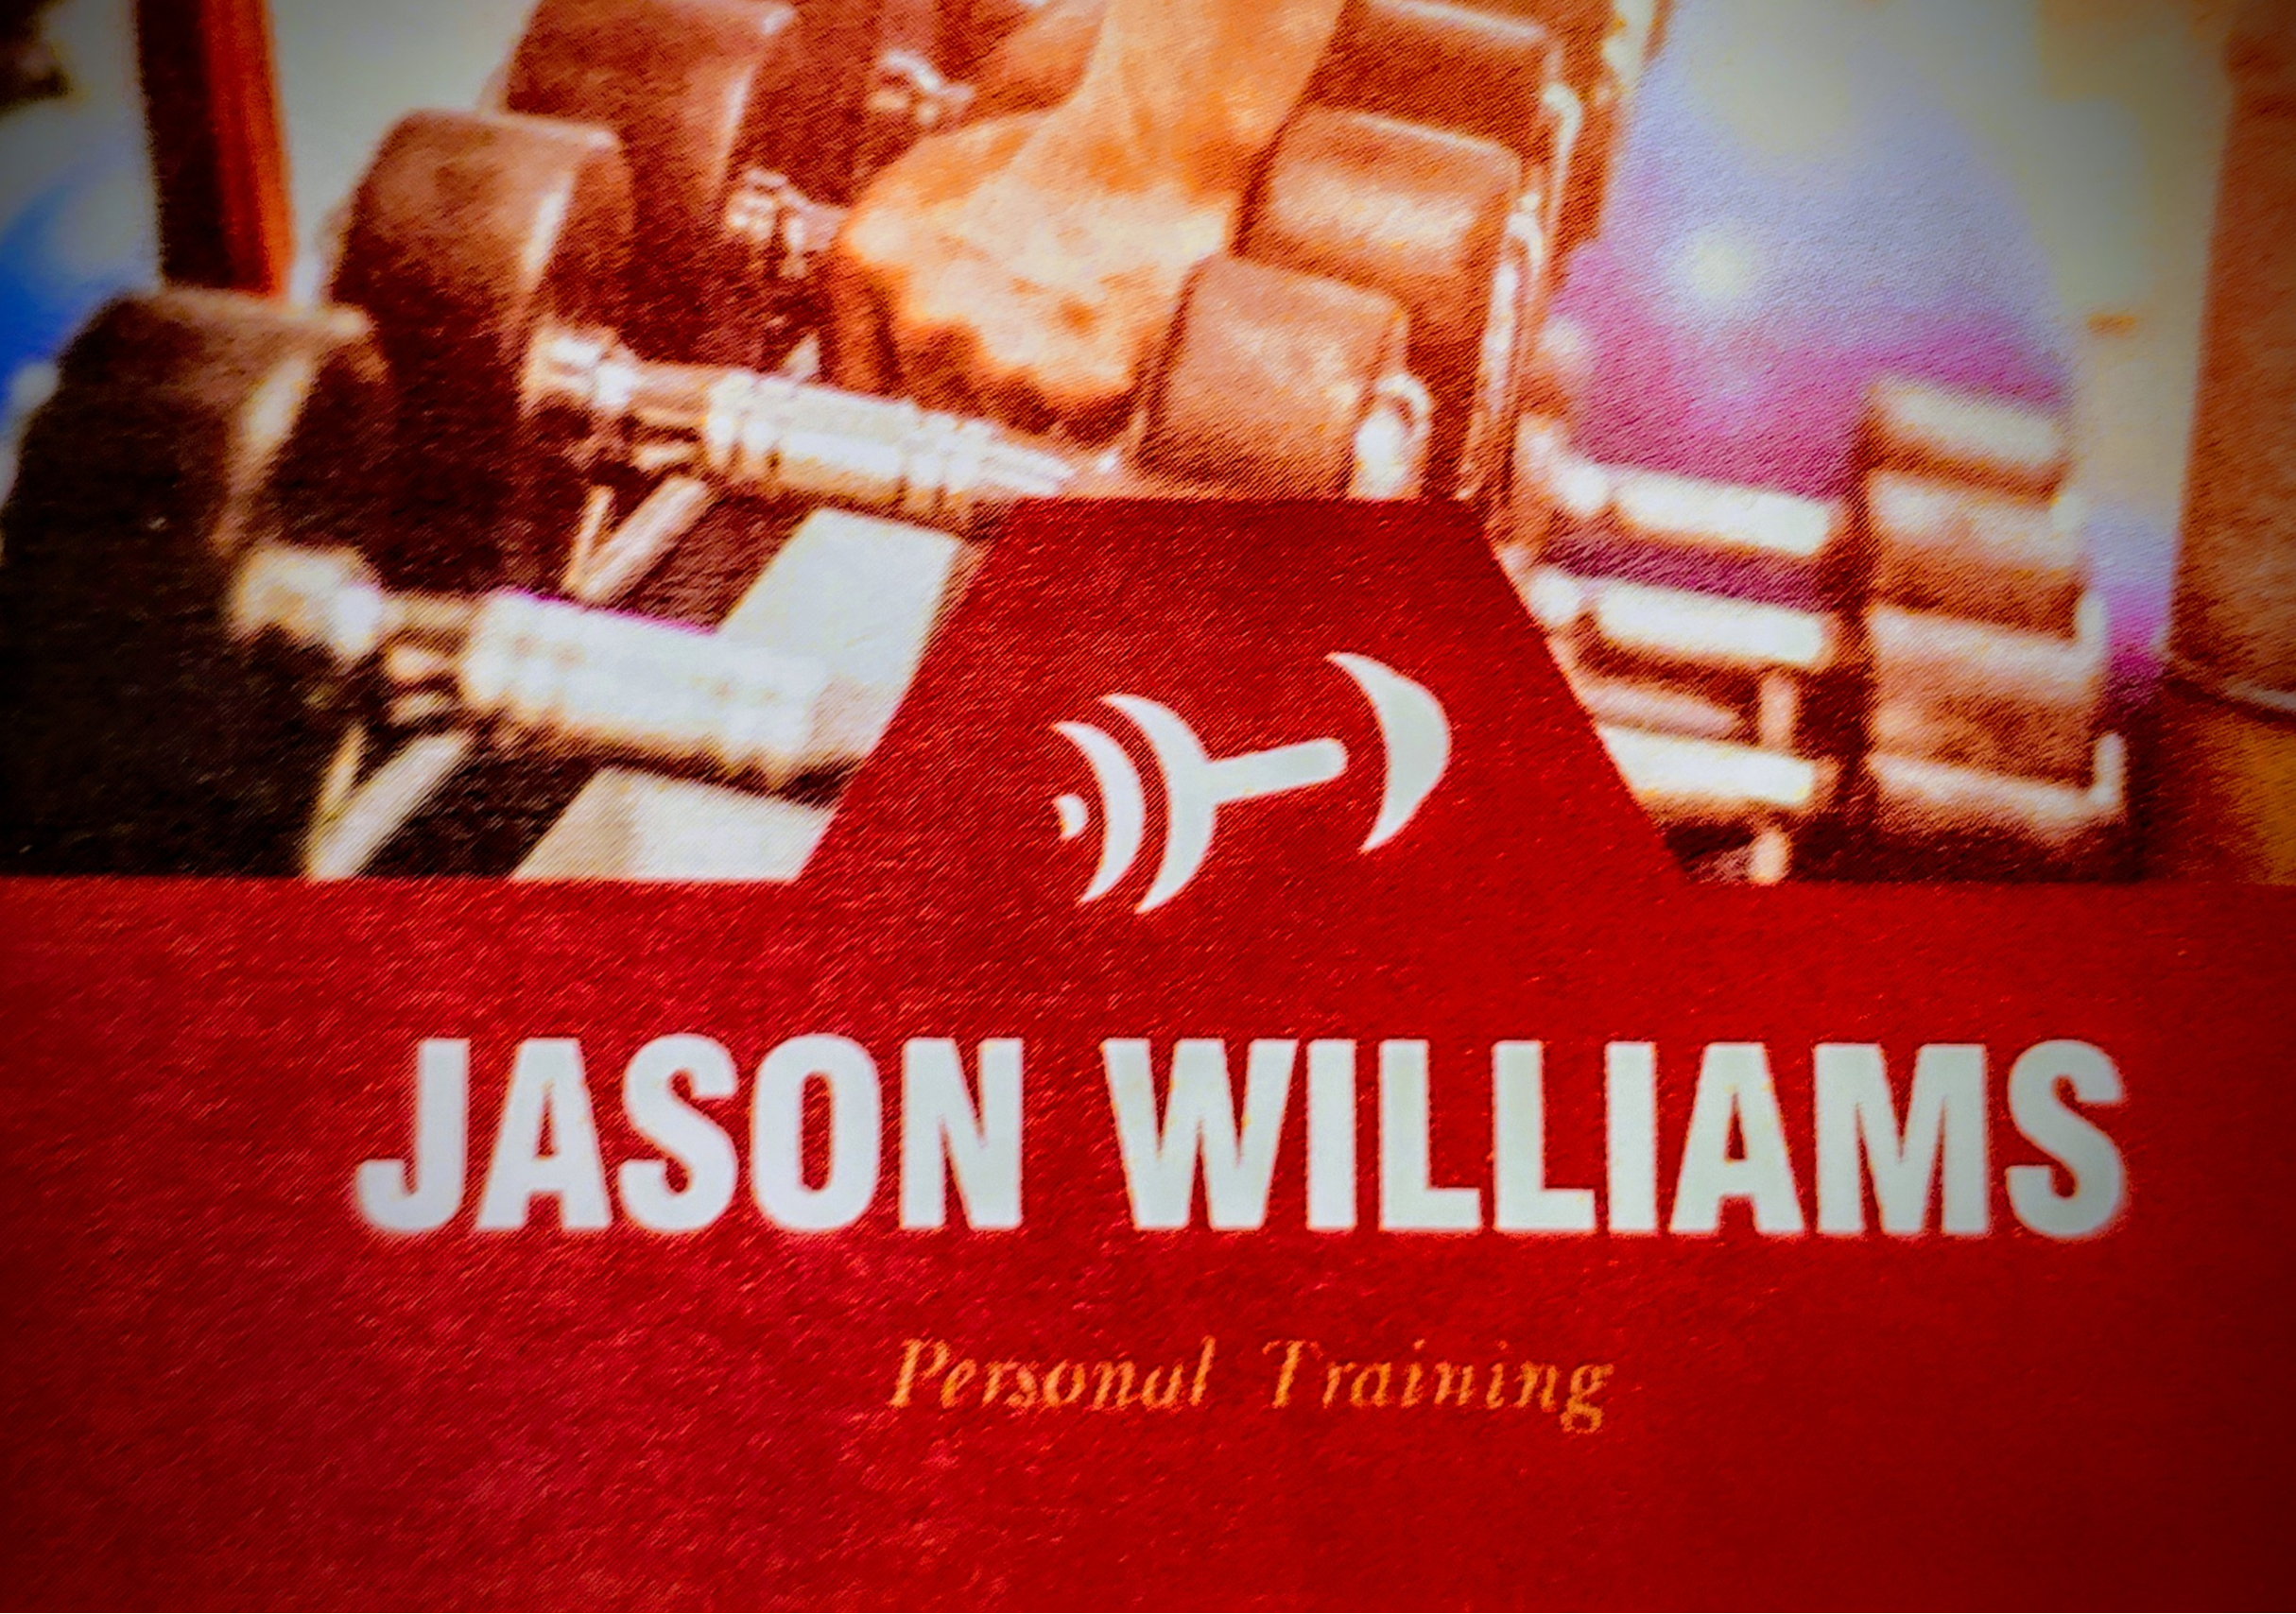 Jason Williams P.T. (Buns & Guns)